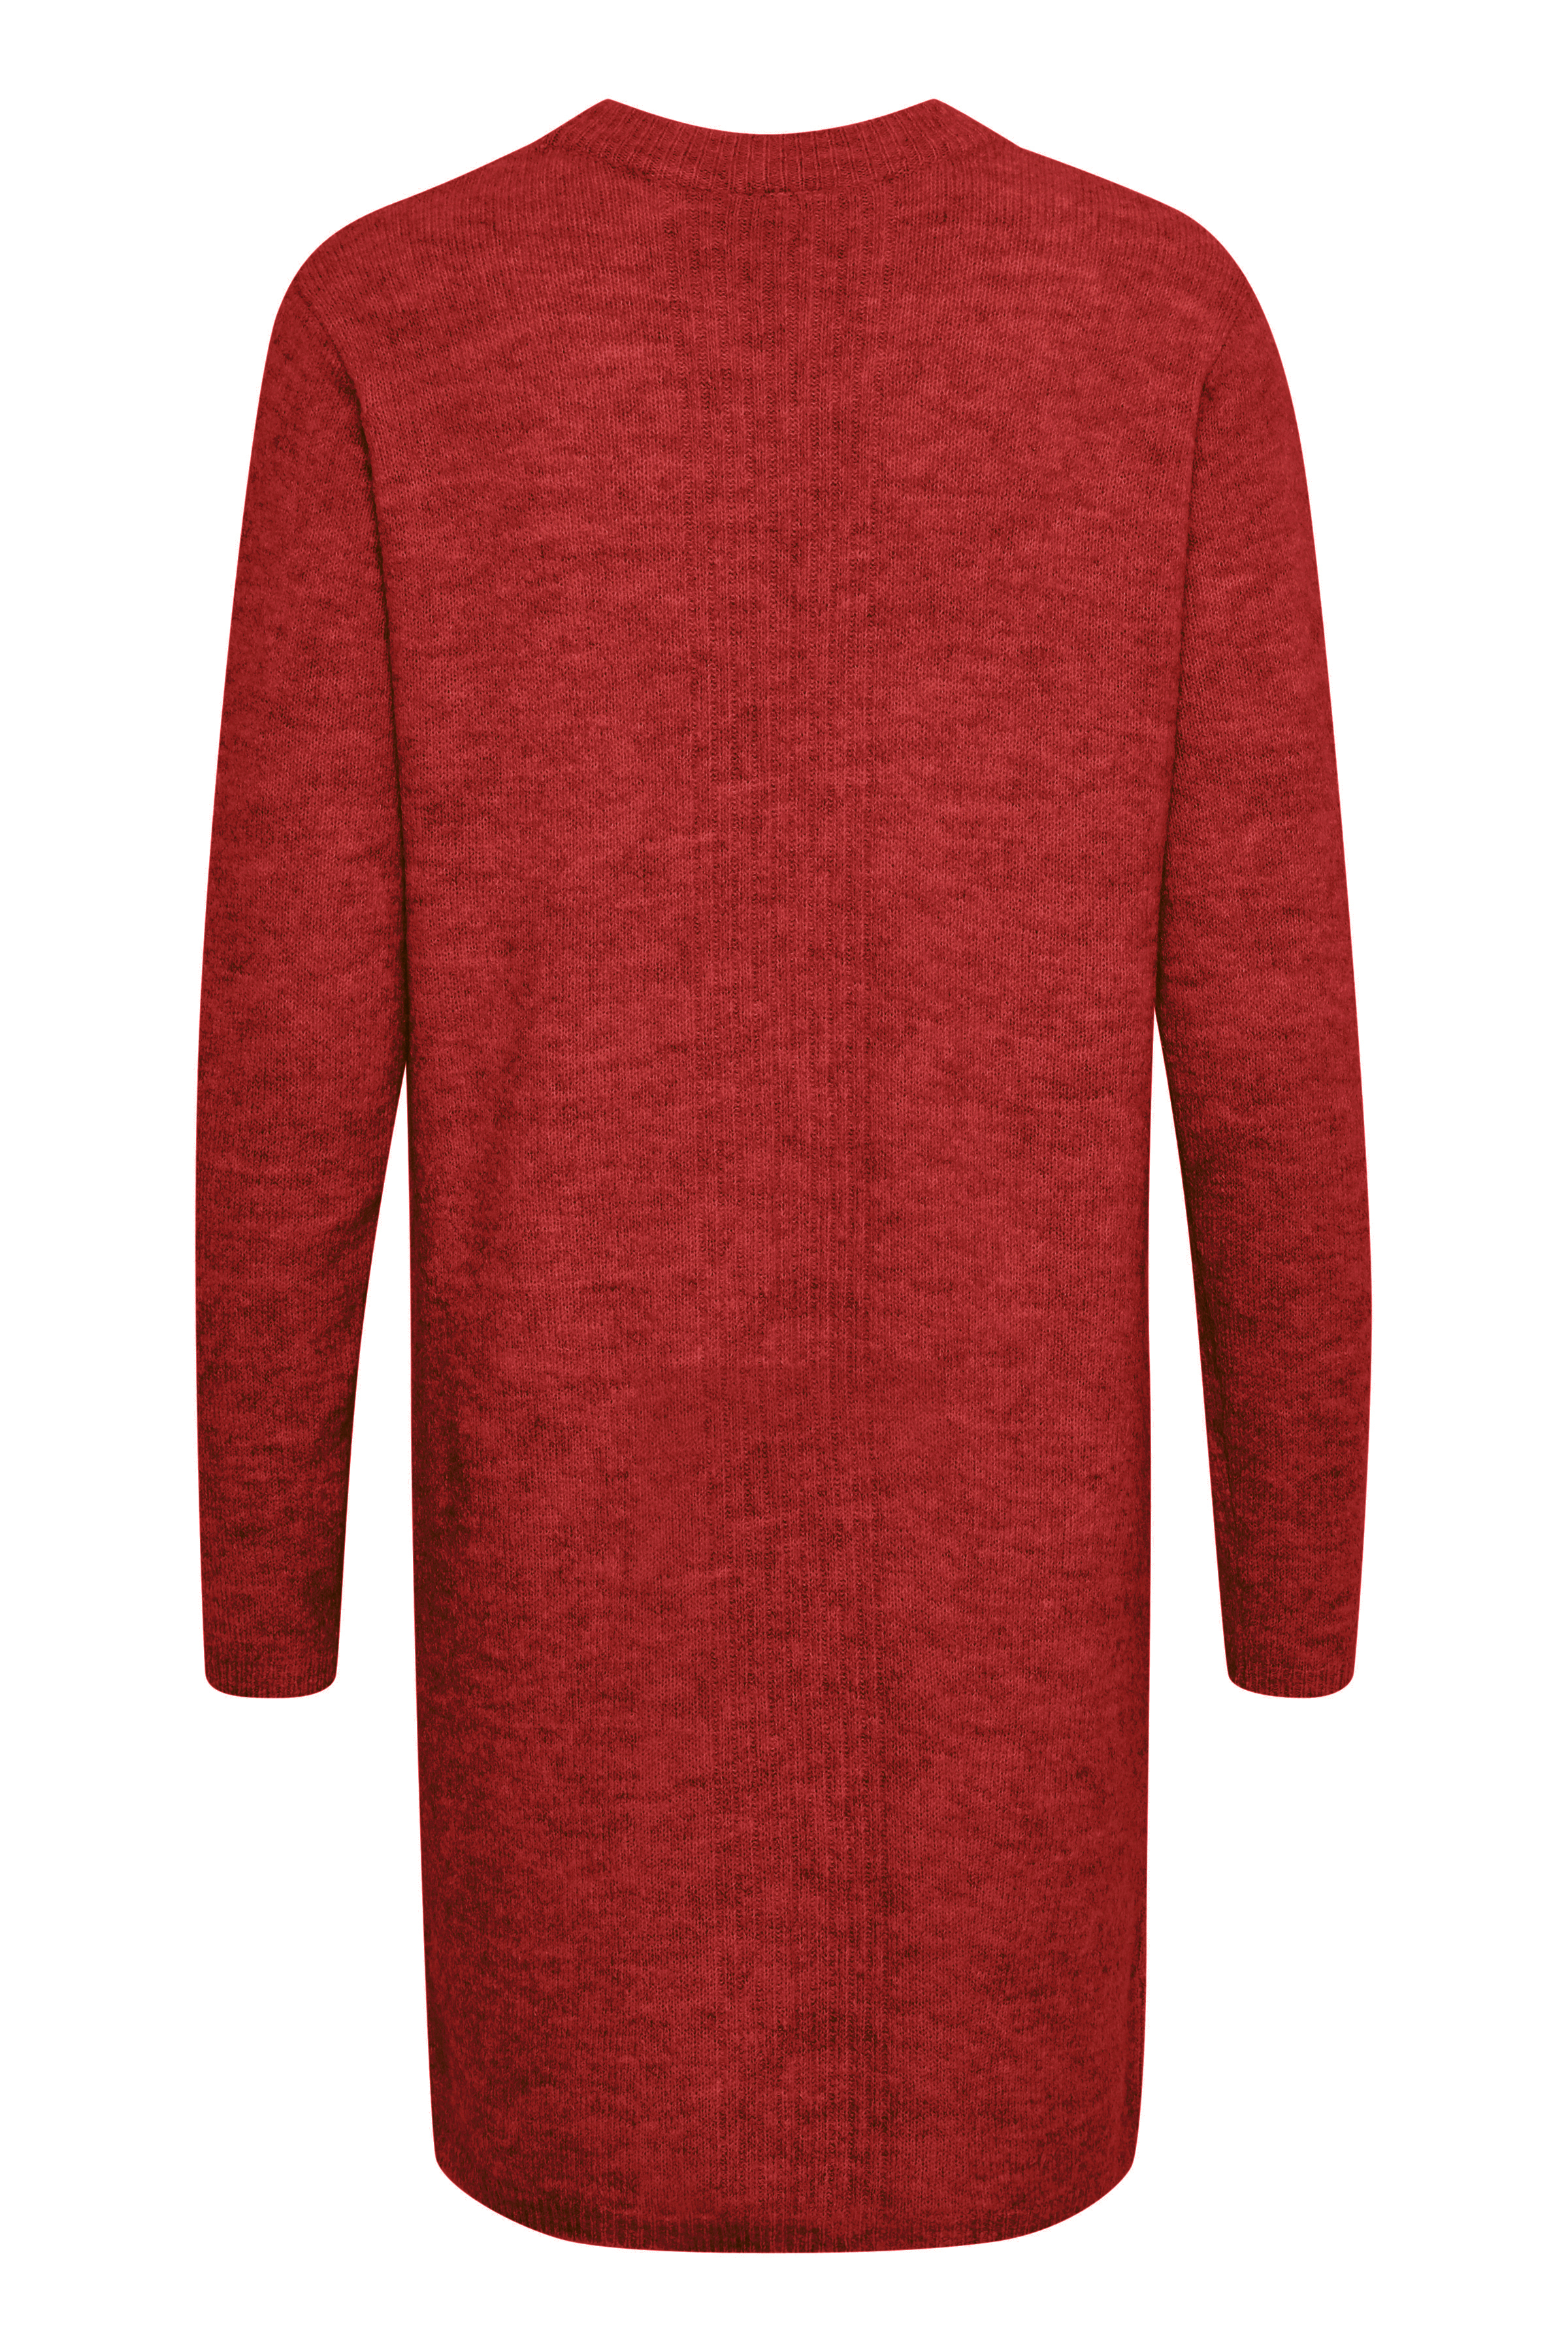 Rot meliert Strick-Cardigan von Fransa – Shoppen Sie Rot meliert Strick-Cardigan ab Gr. XS-XXL hier